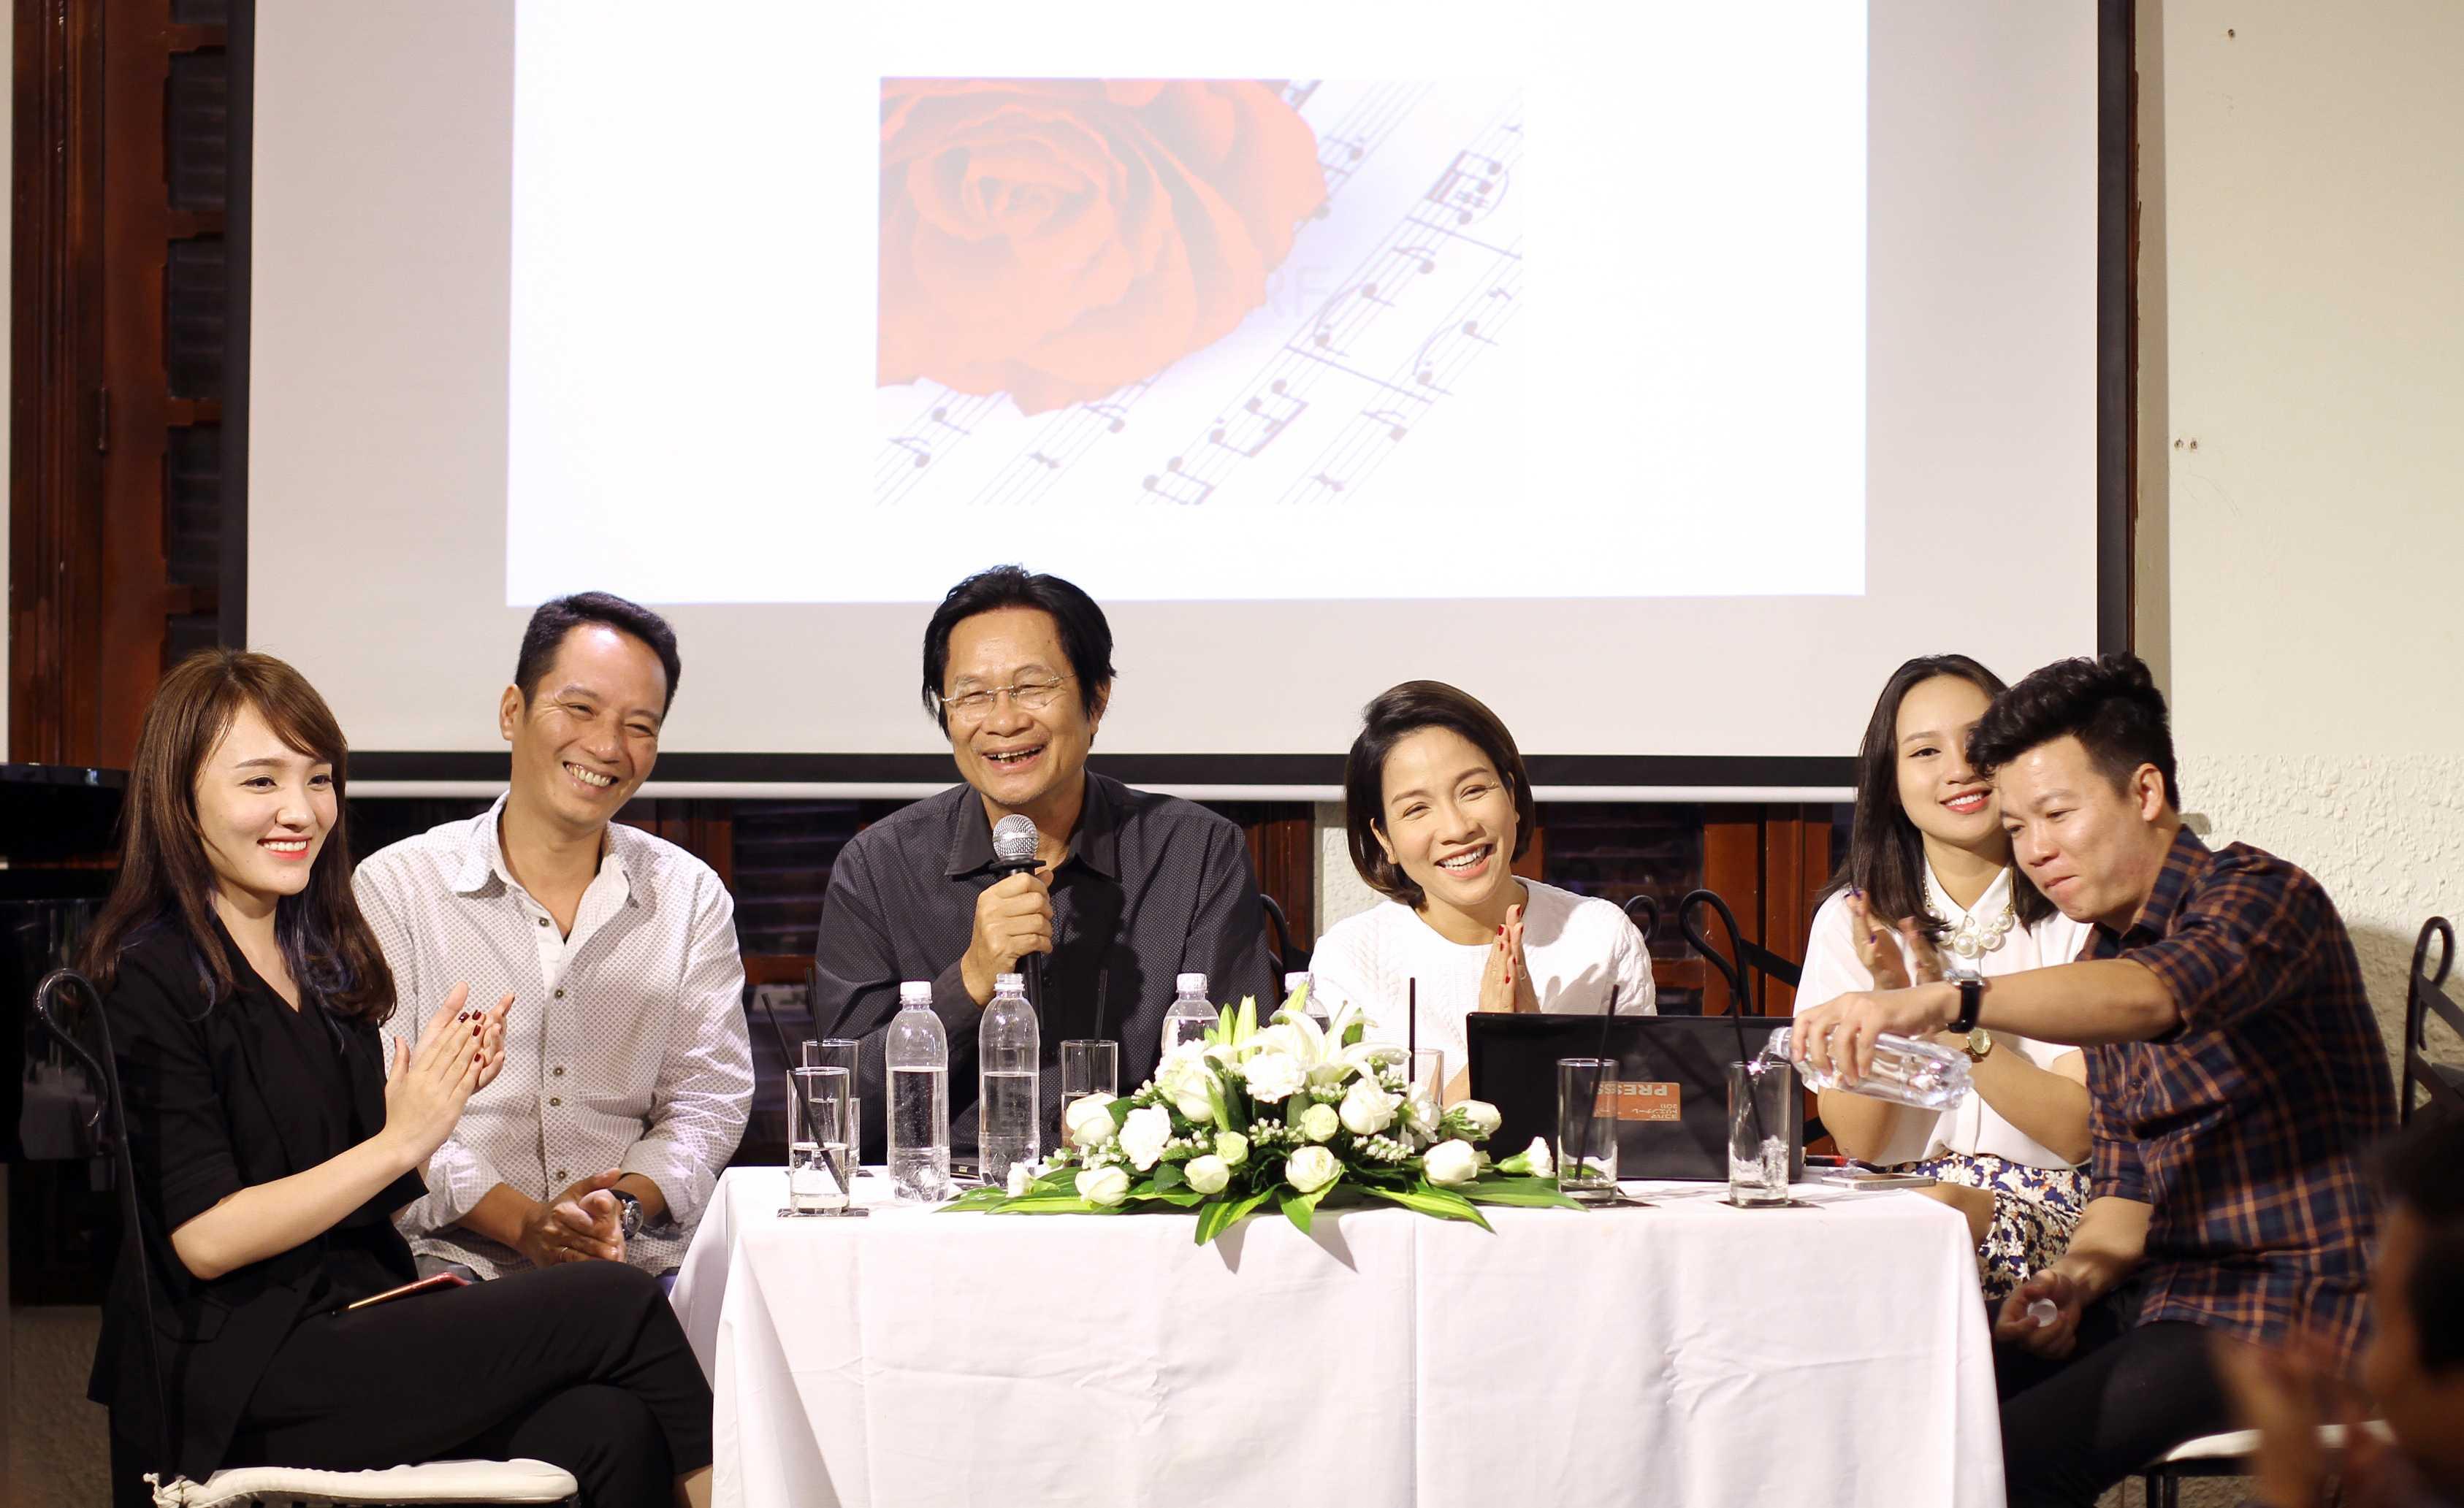 Nhạc sĩ Dương Thụ cùng các nghệ sĩ tham gia trong đêm nhạc Bài hát ru mùa đông